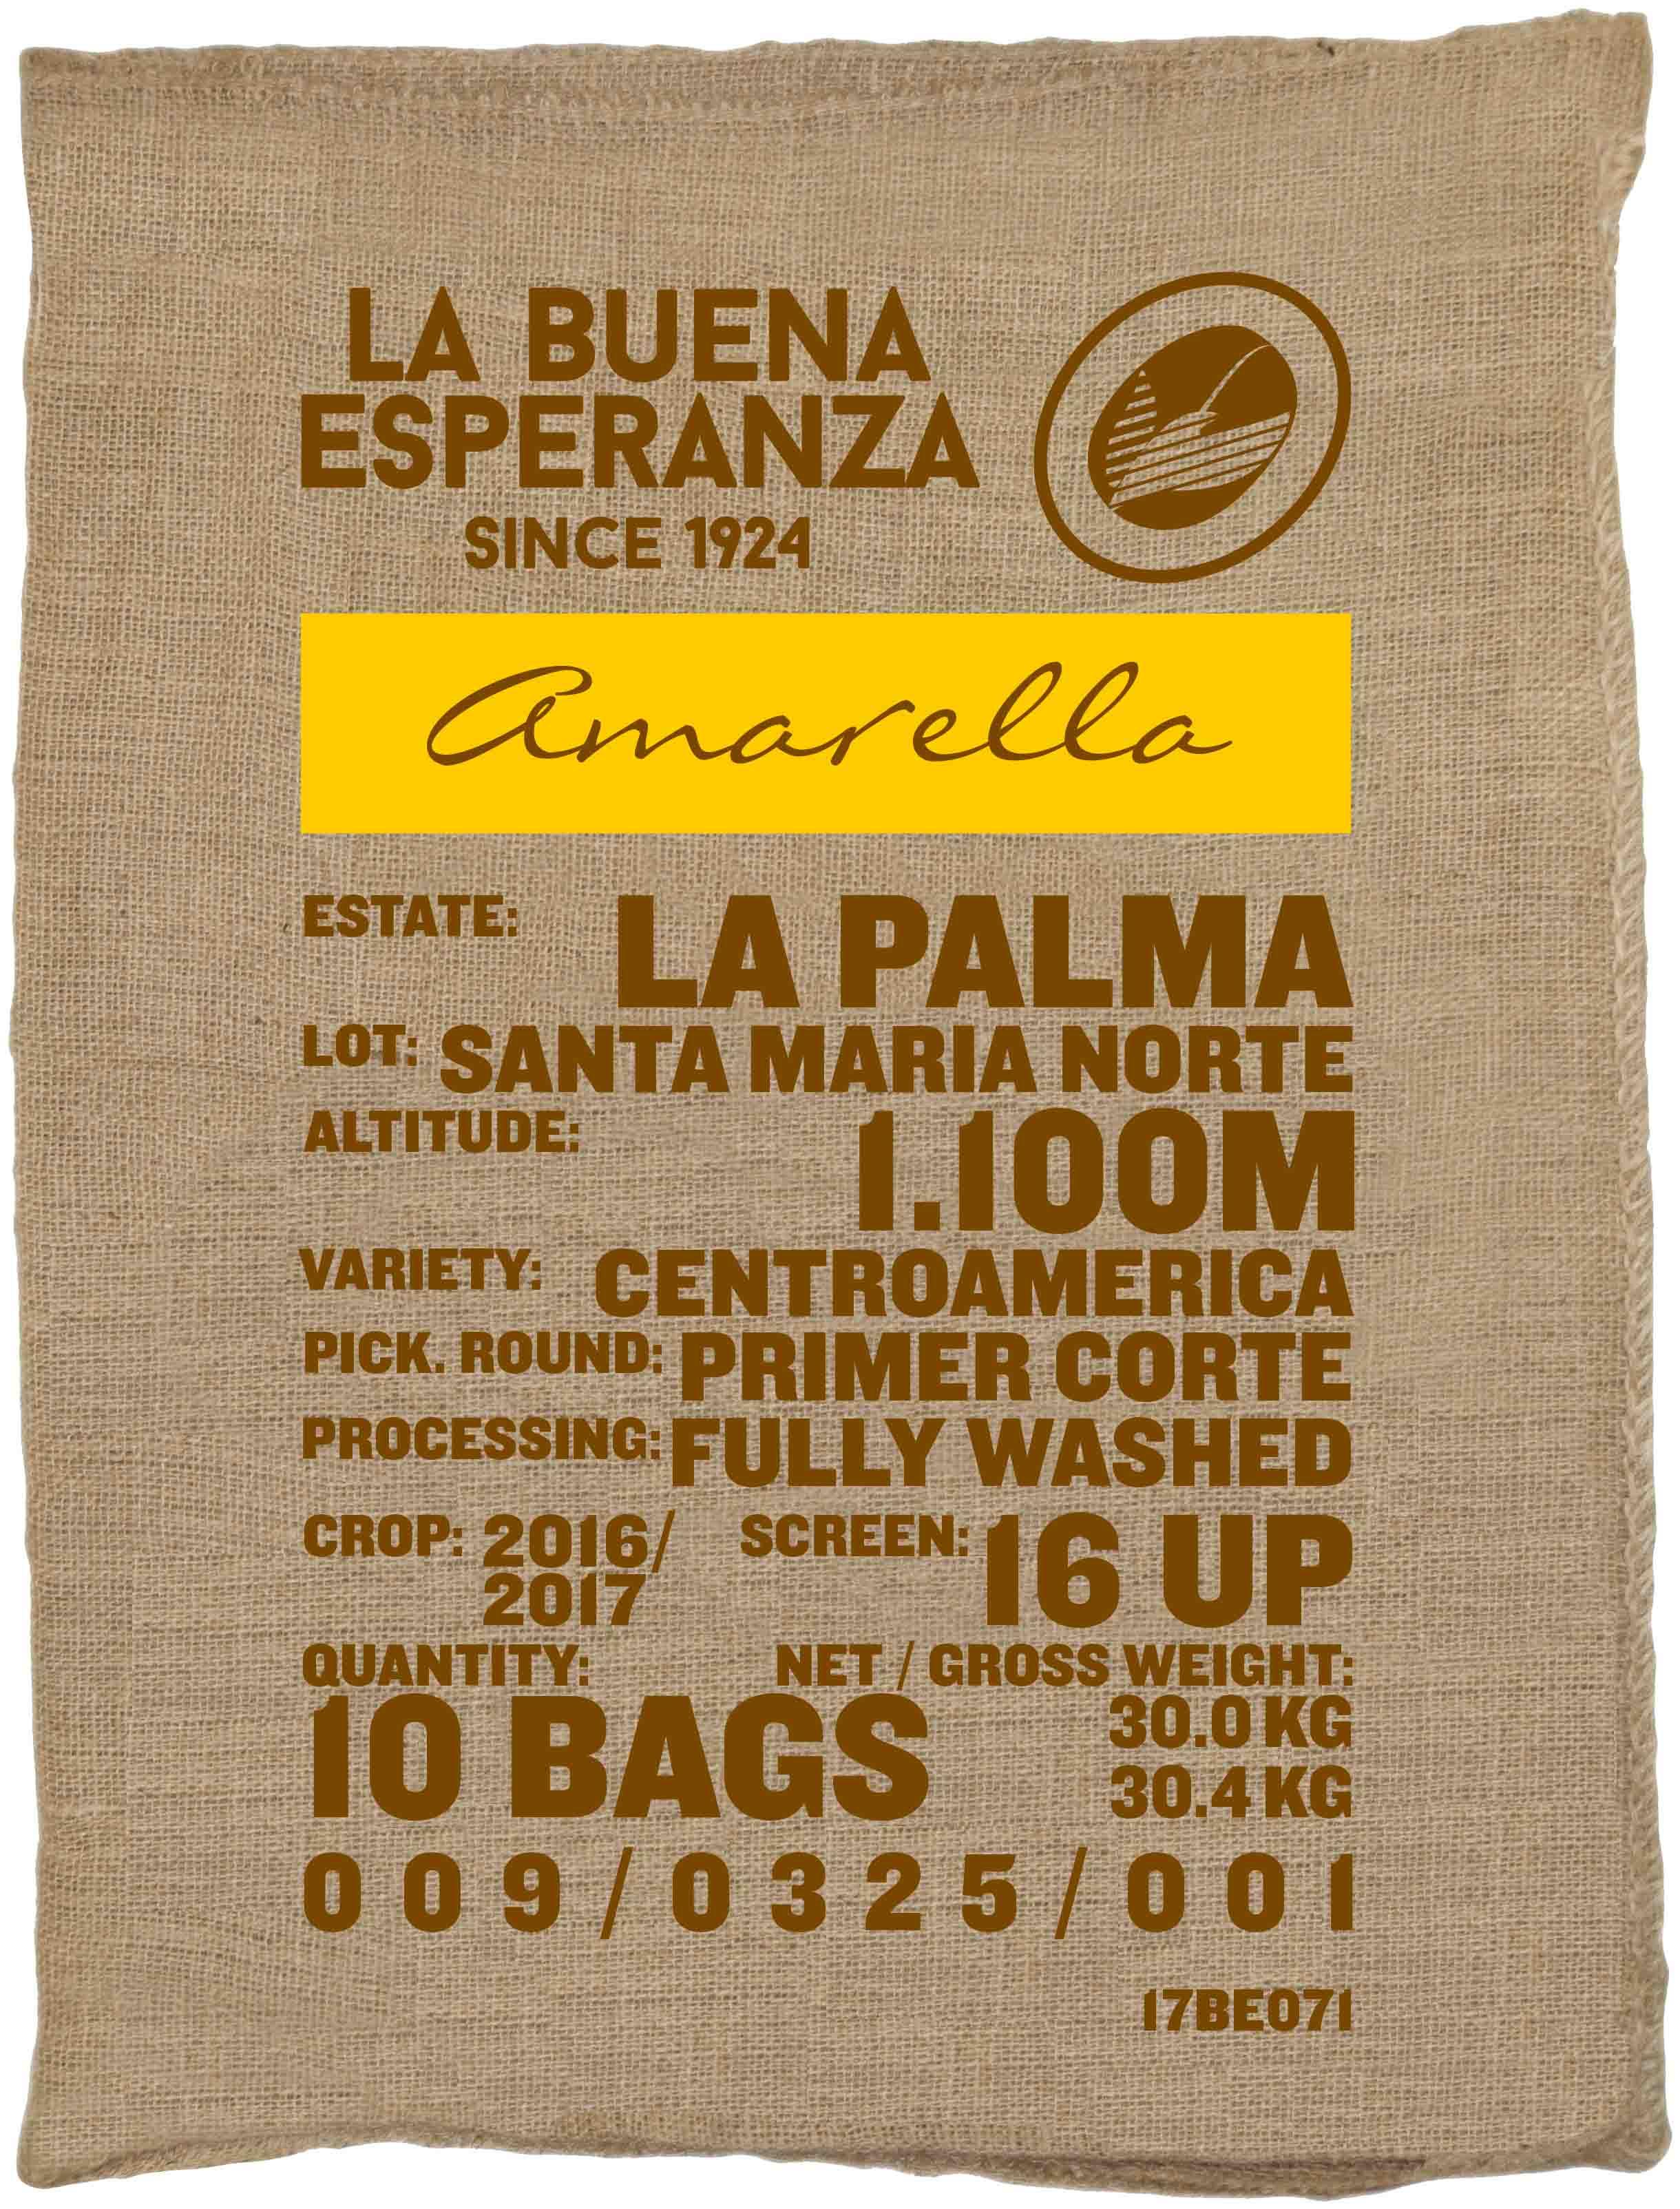 Ein Rohkaffeesack amarella Parzellenkaffee Varietät Centroamerica. Finca La Buena Esperanza Lot Santa Maria Norte.